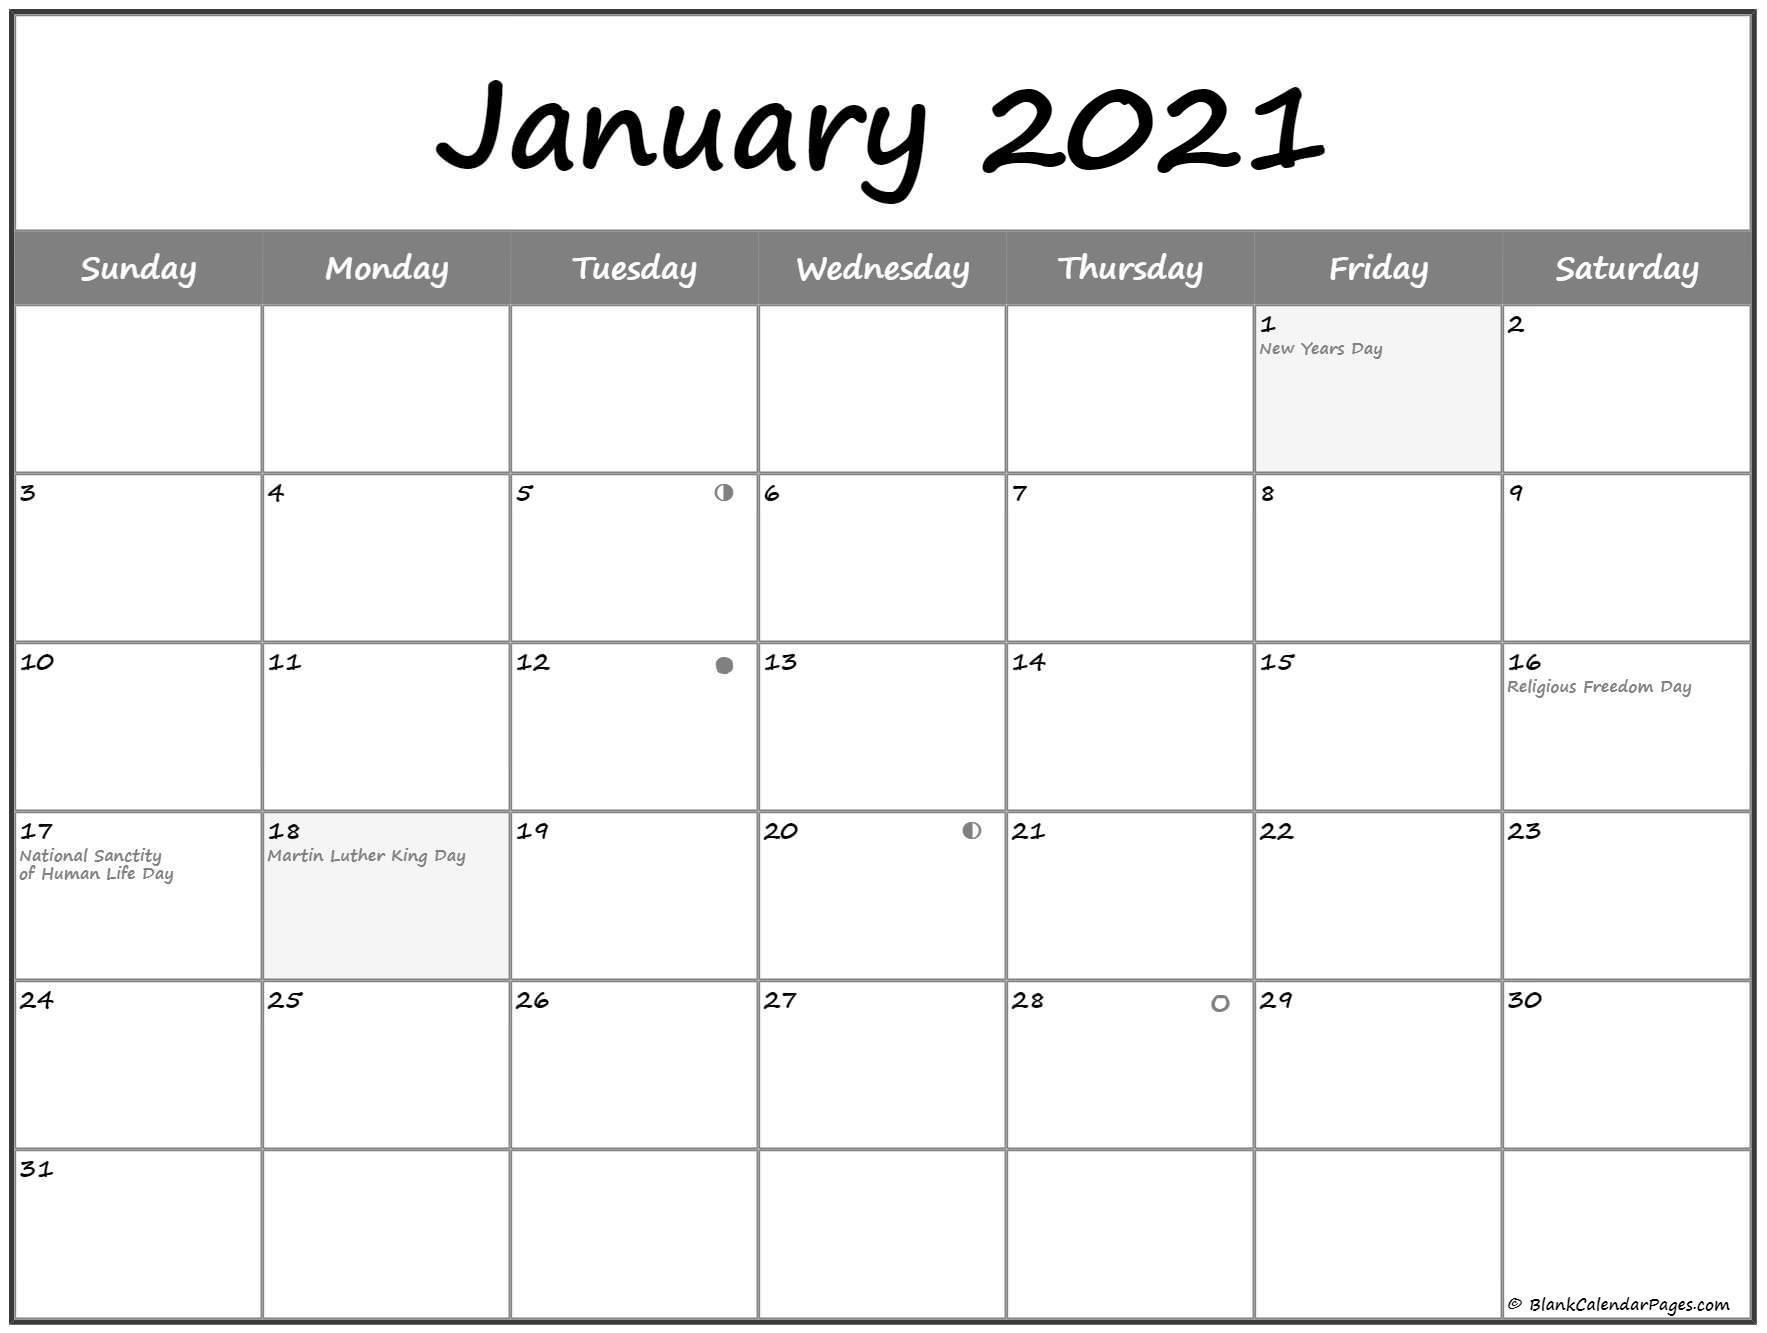 2021 January Moon Calendar